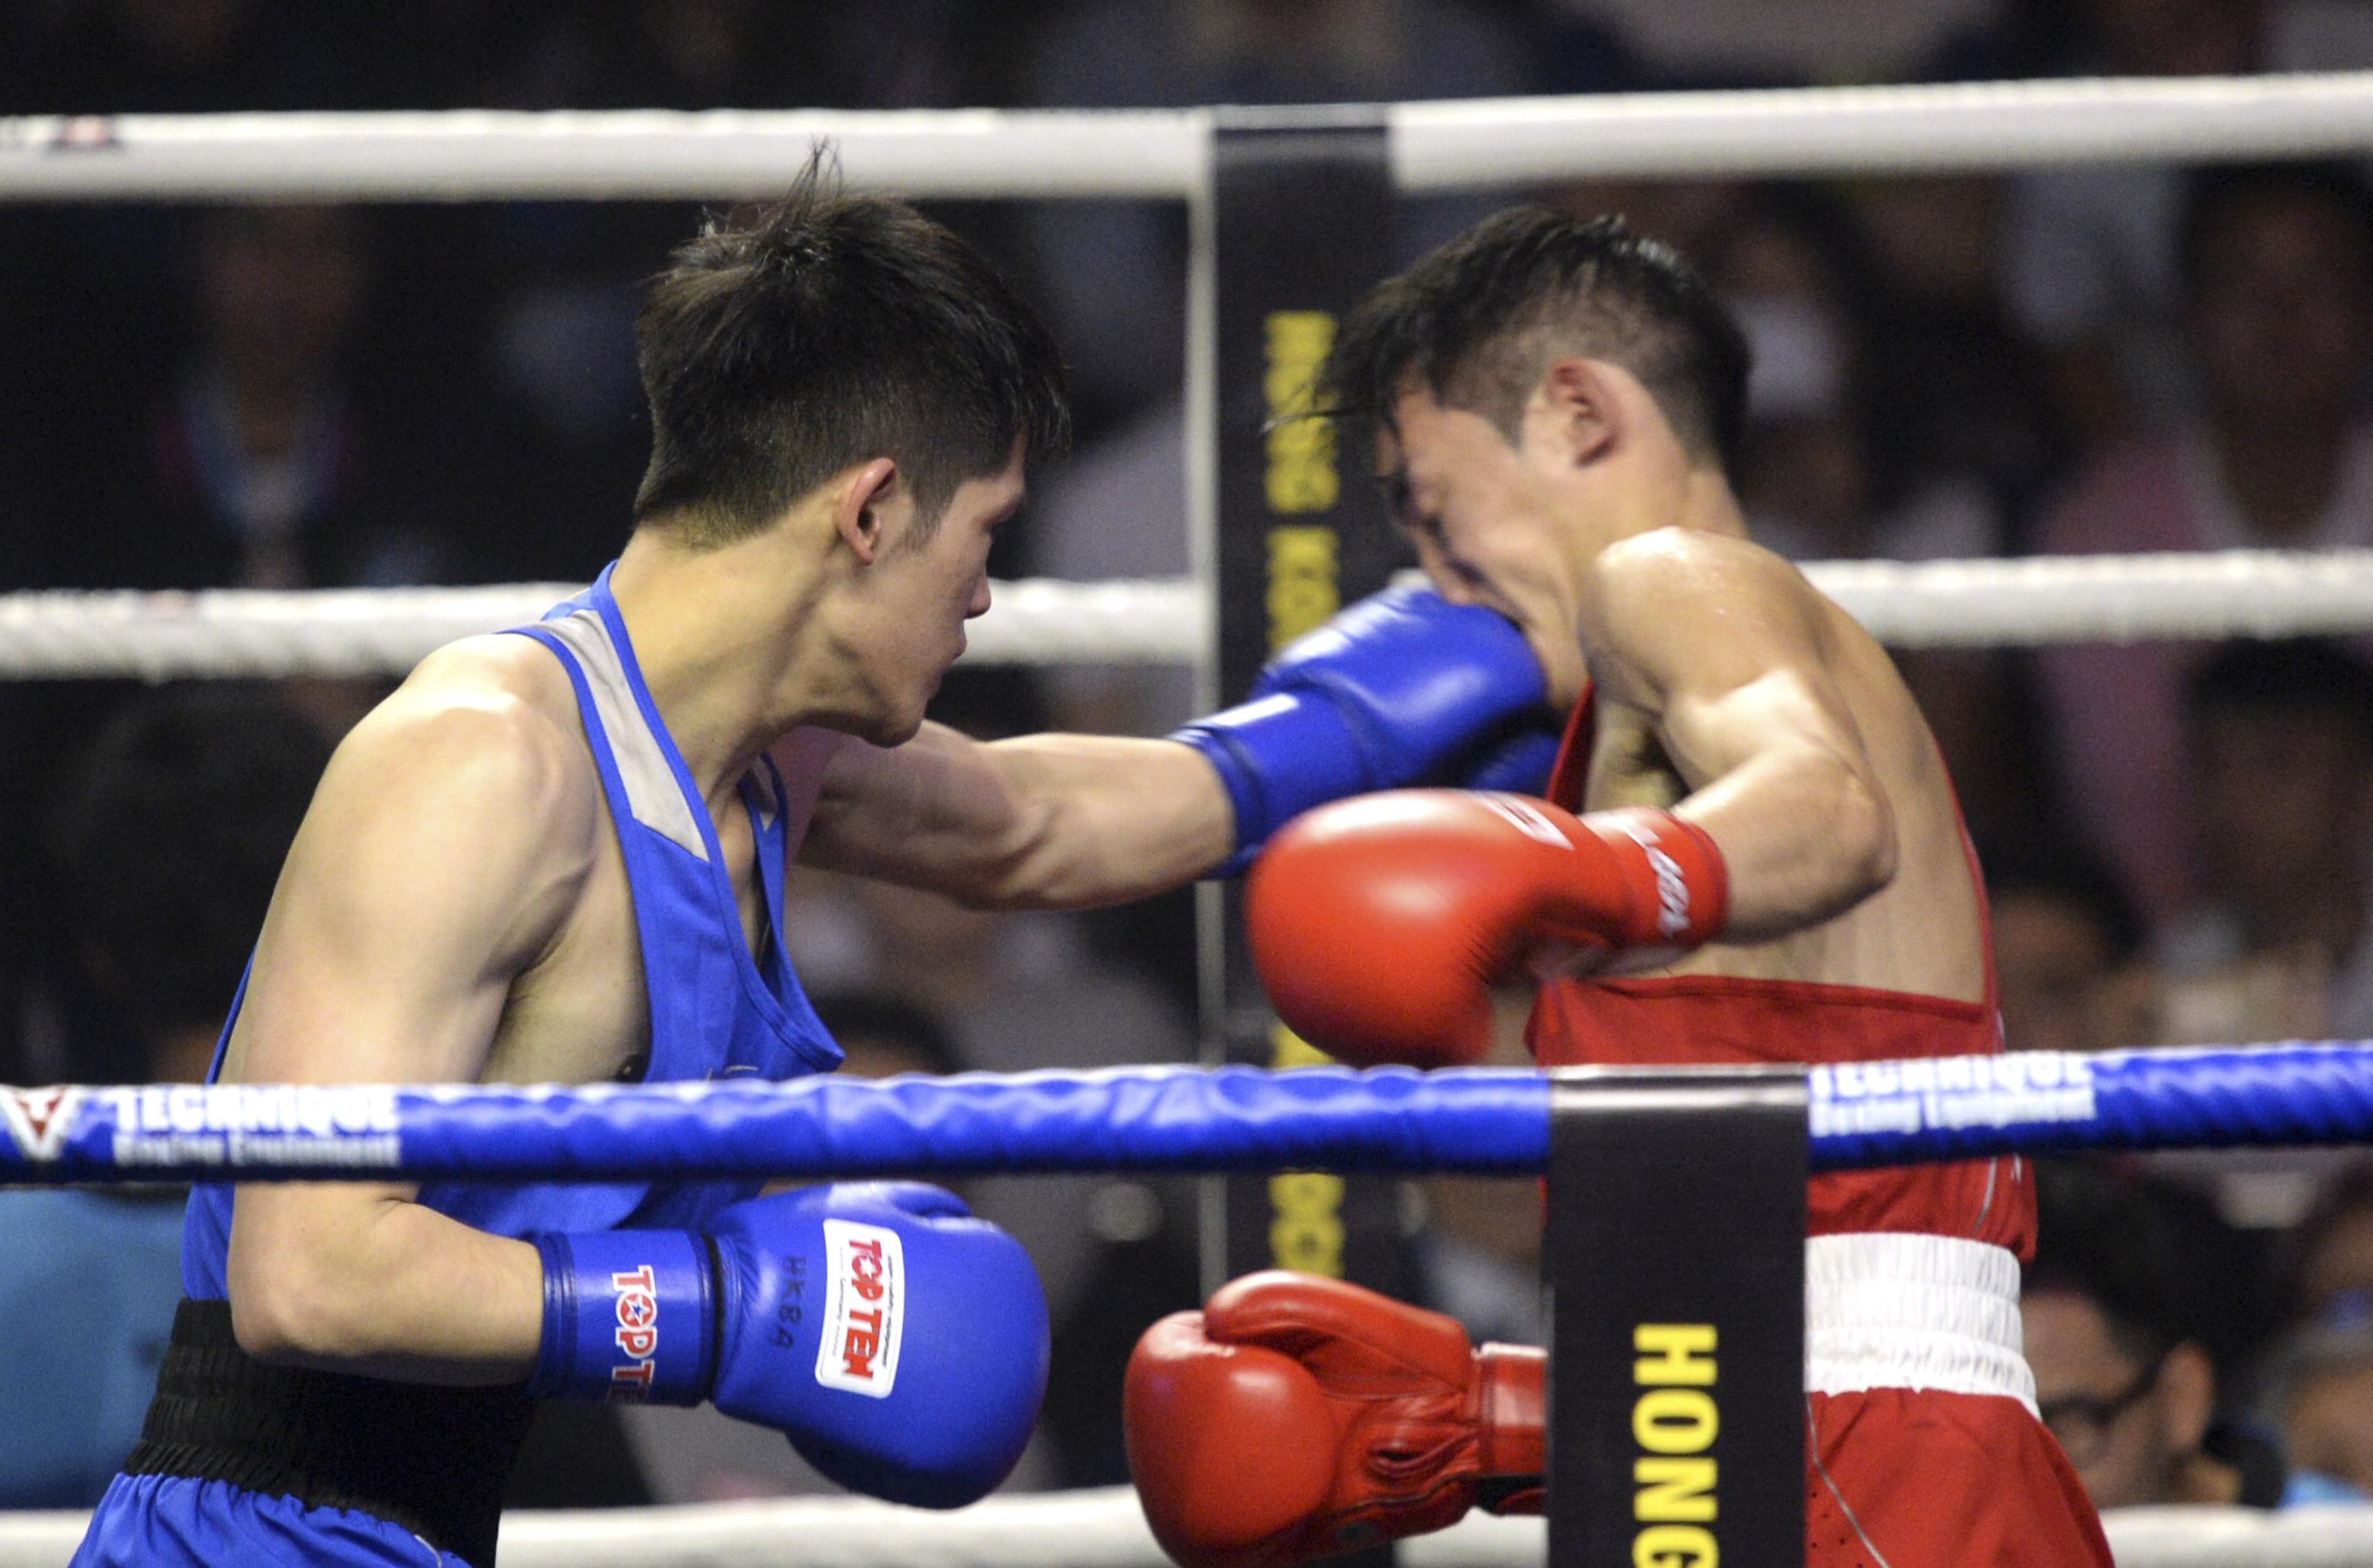 國際奧委會明年六月作出裁決,曹星如的奧運夢或遇阻滯。蘇正謙攝